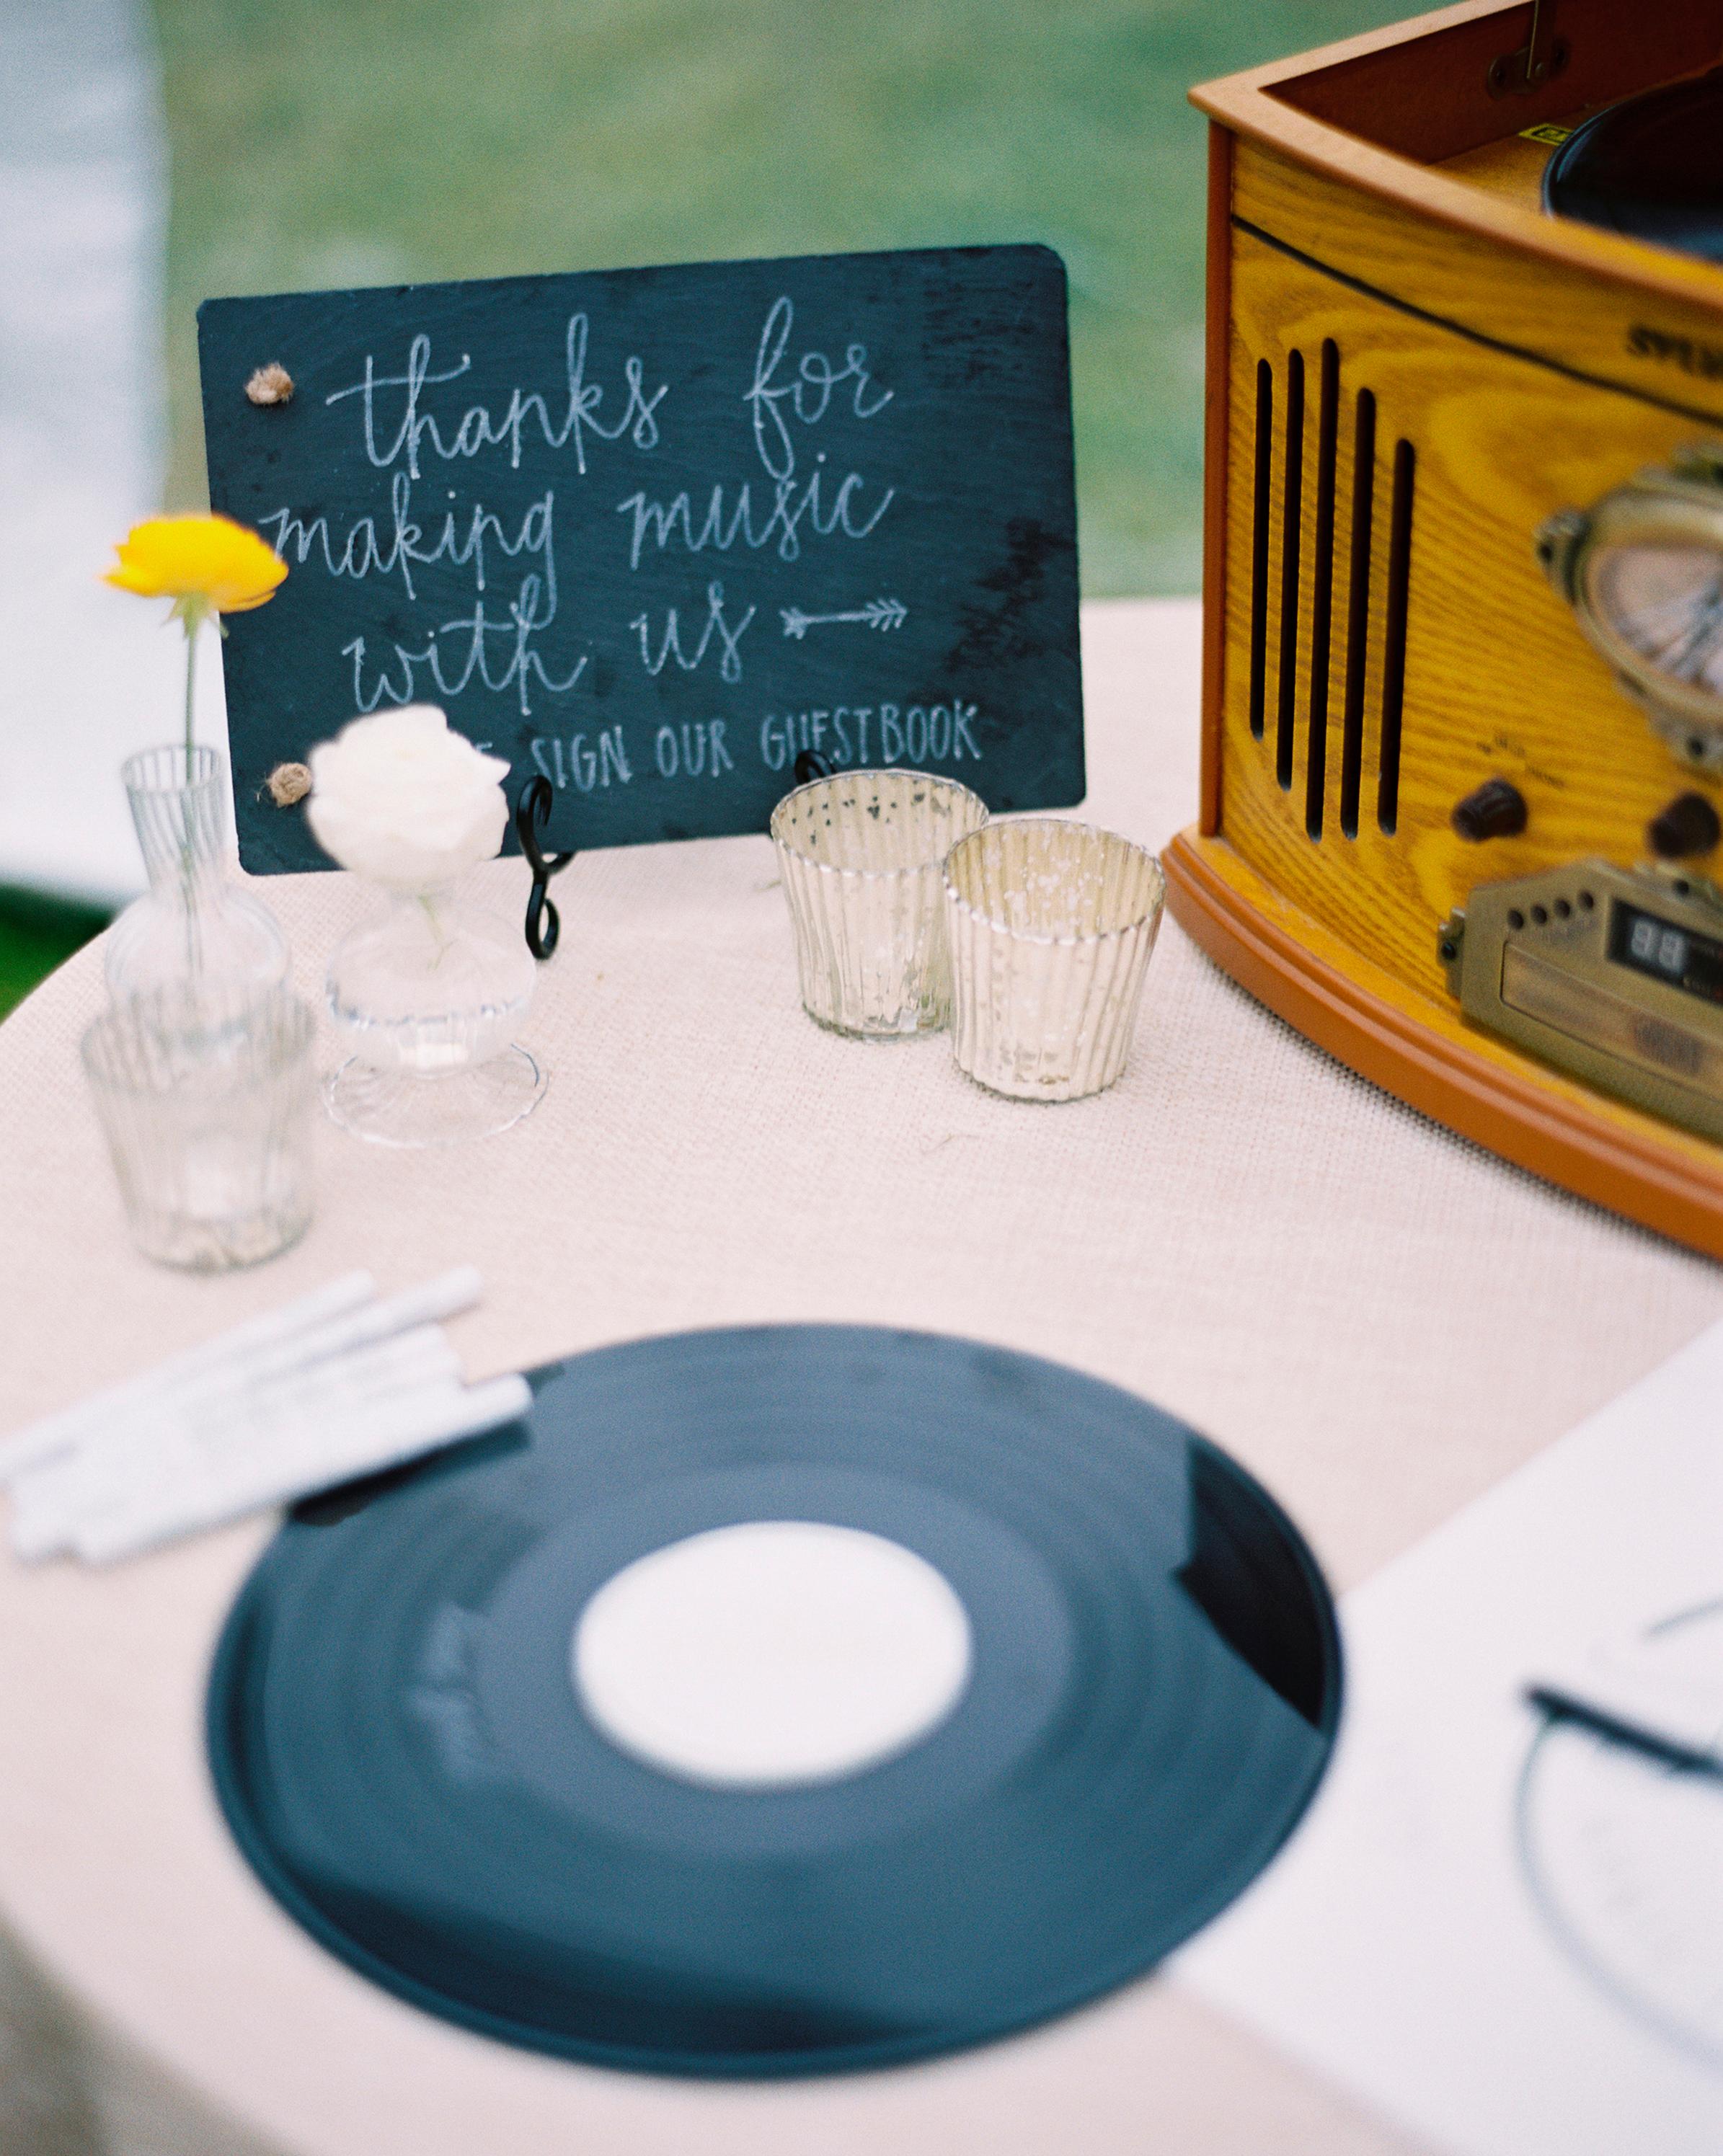 susan-cartter-wedding-guestbook-008446016-s111503-0914.jpg